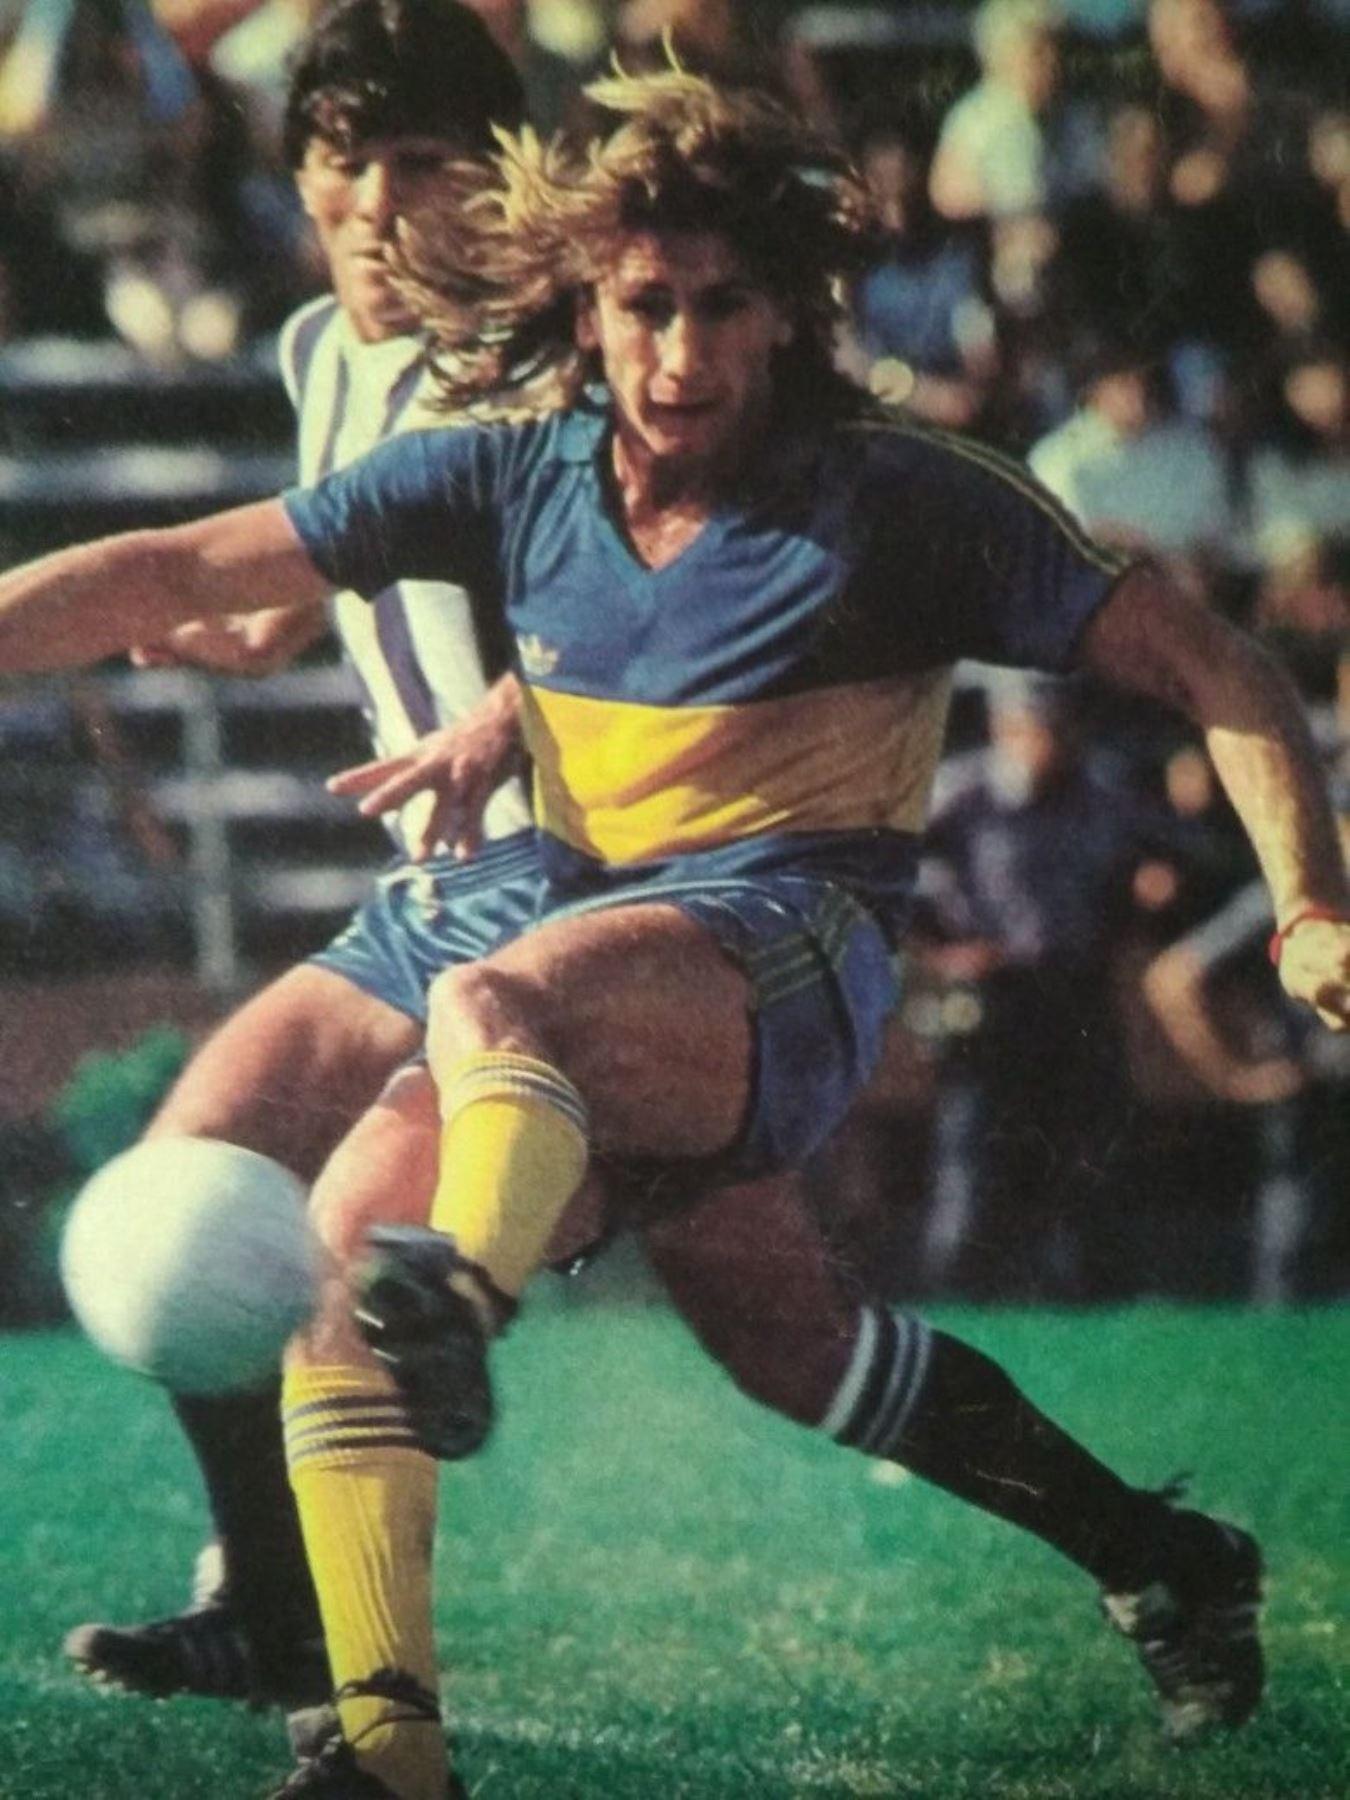 En el Boca Juniors se convirtió en una de las máximas estrellas del fútbol argentino, ahí permaneció hasta 1984, cuando provocó una huelga de futbolistas que termino con su polémica salida. Foto:Difusión